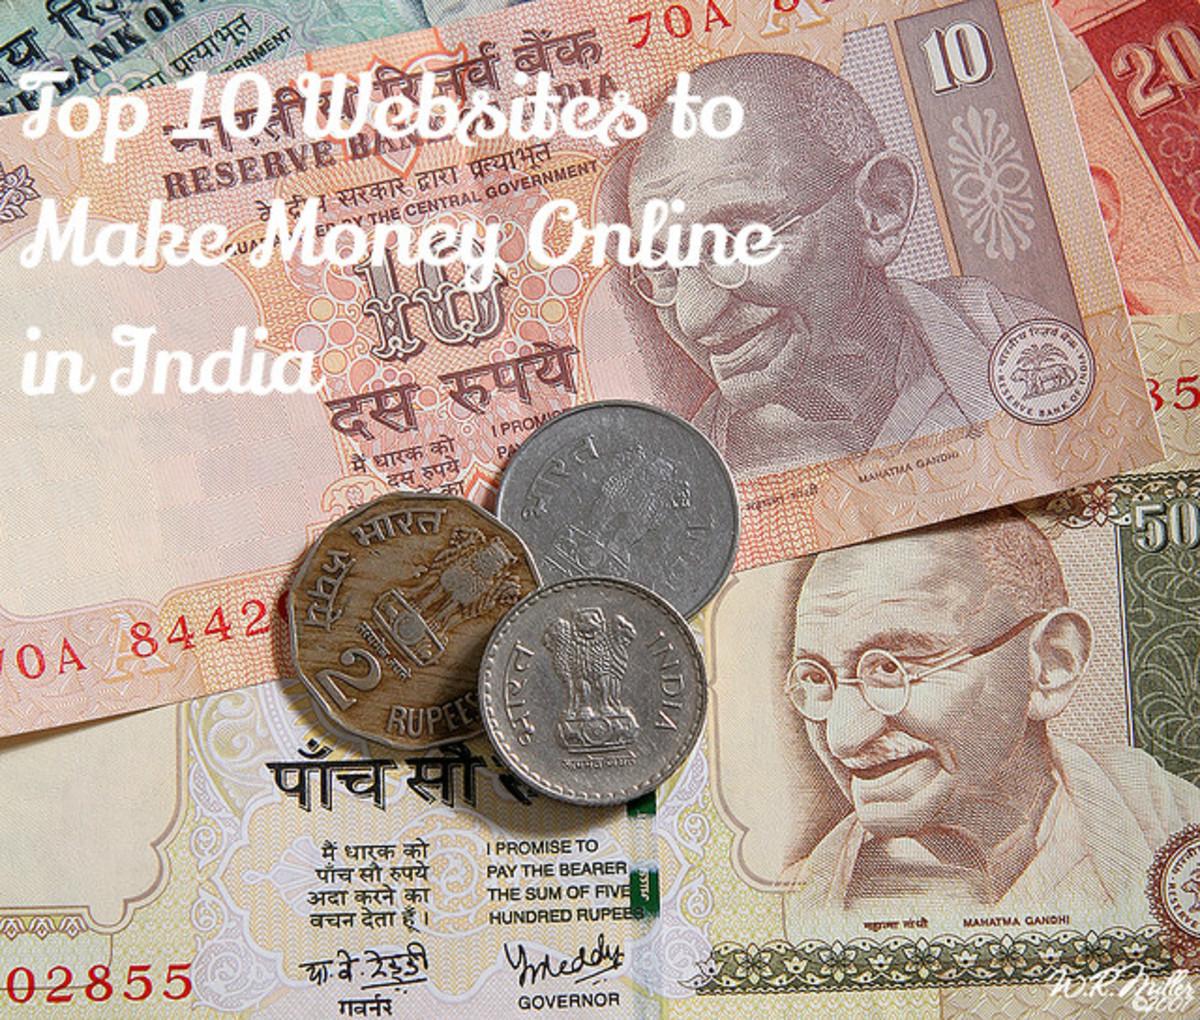 Top 10 Websites to Make Money Online in India